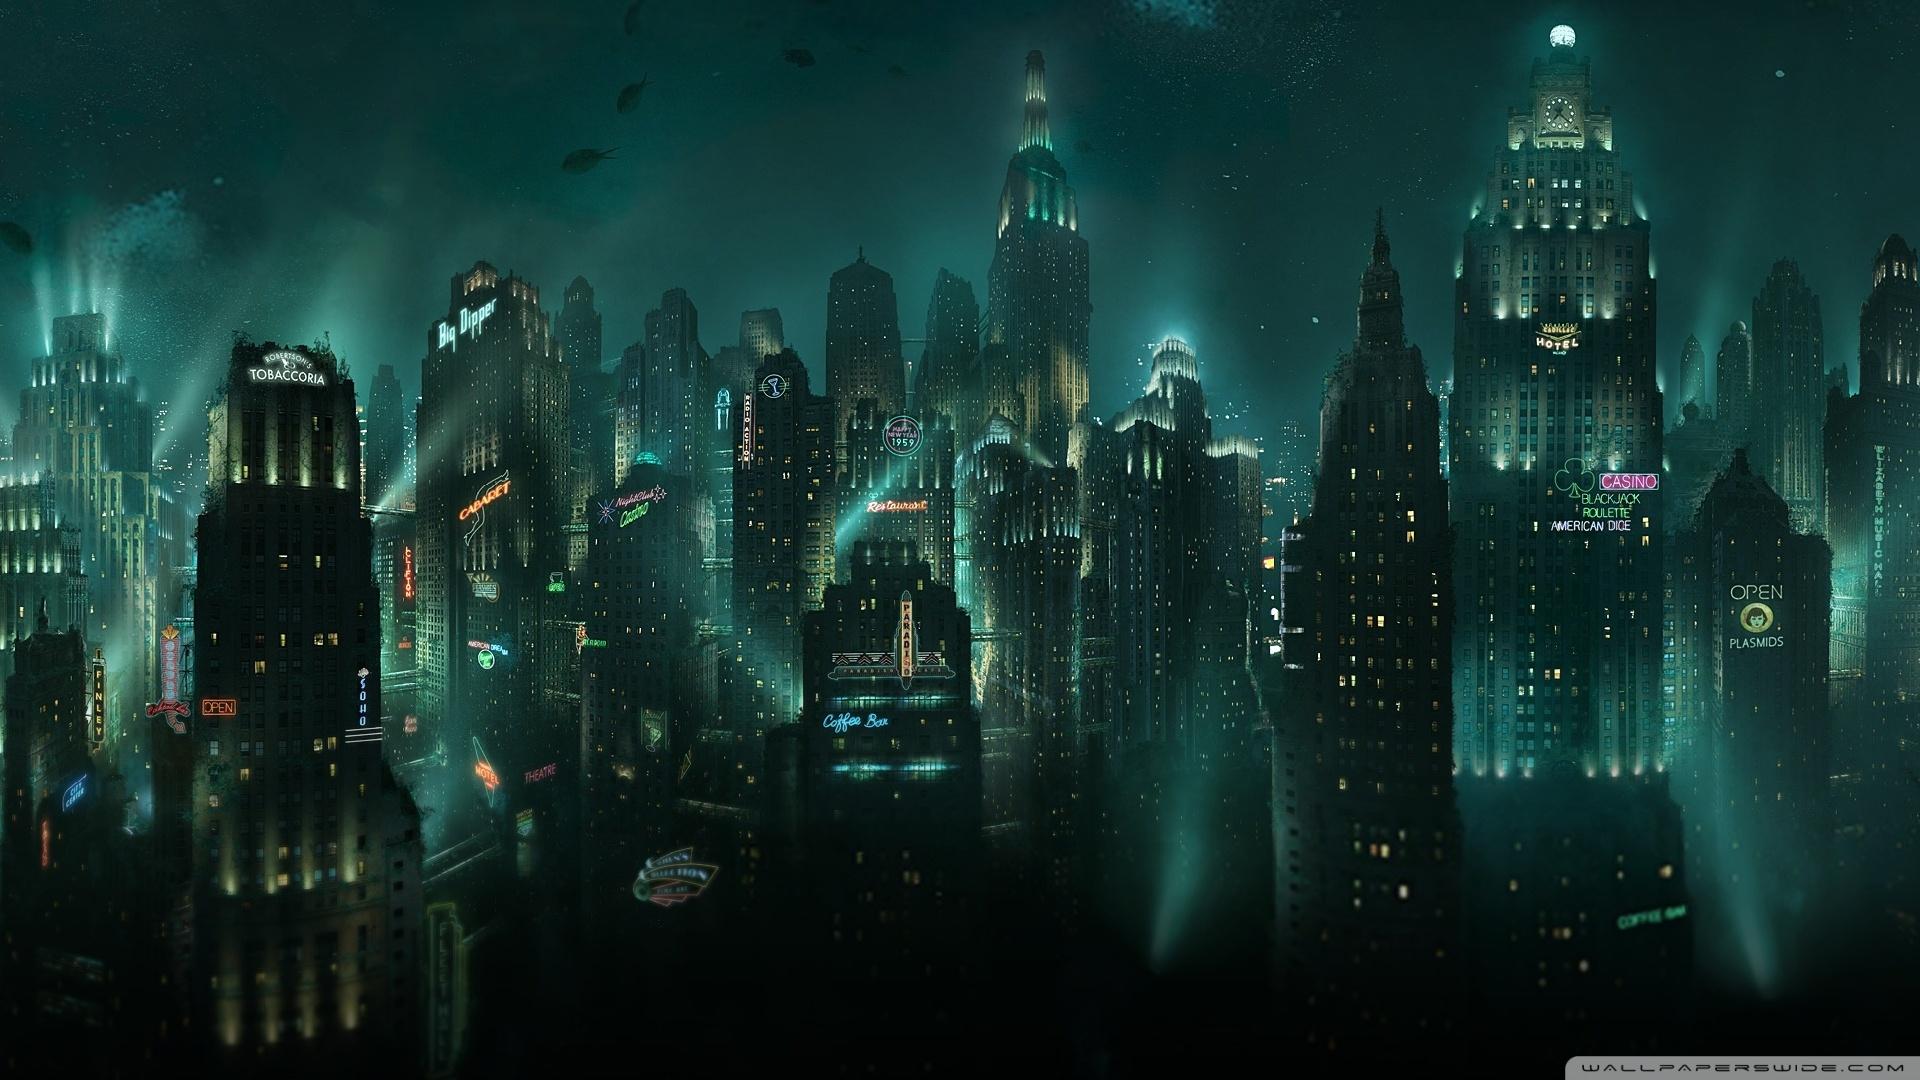 BioShock Rapture 4K HD Desktop Wallpaper for 4K Ultra HD TV 1920x1080